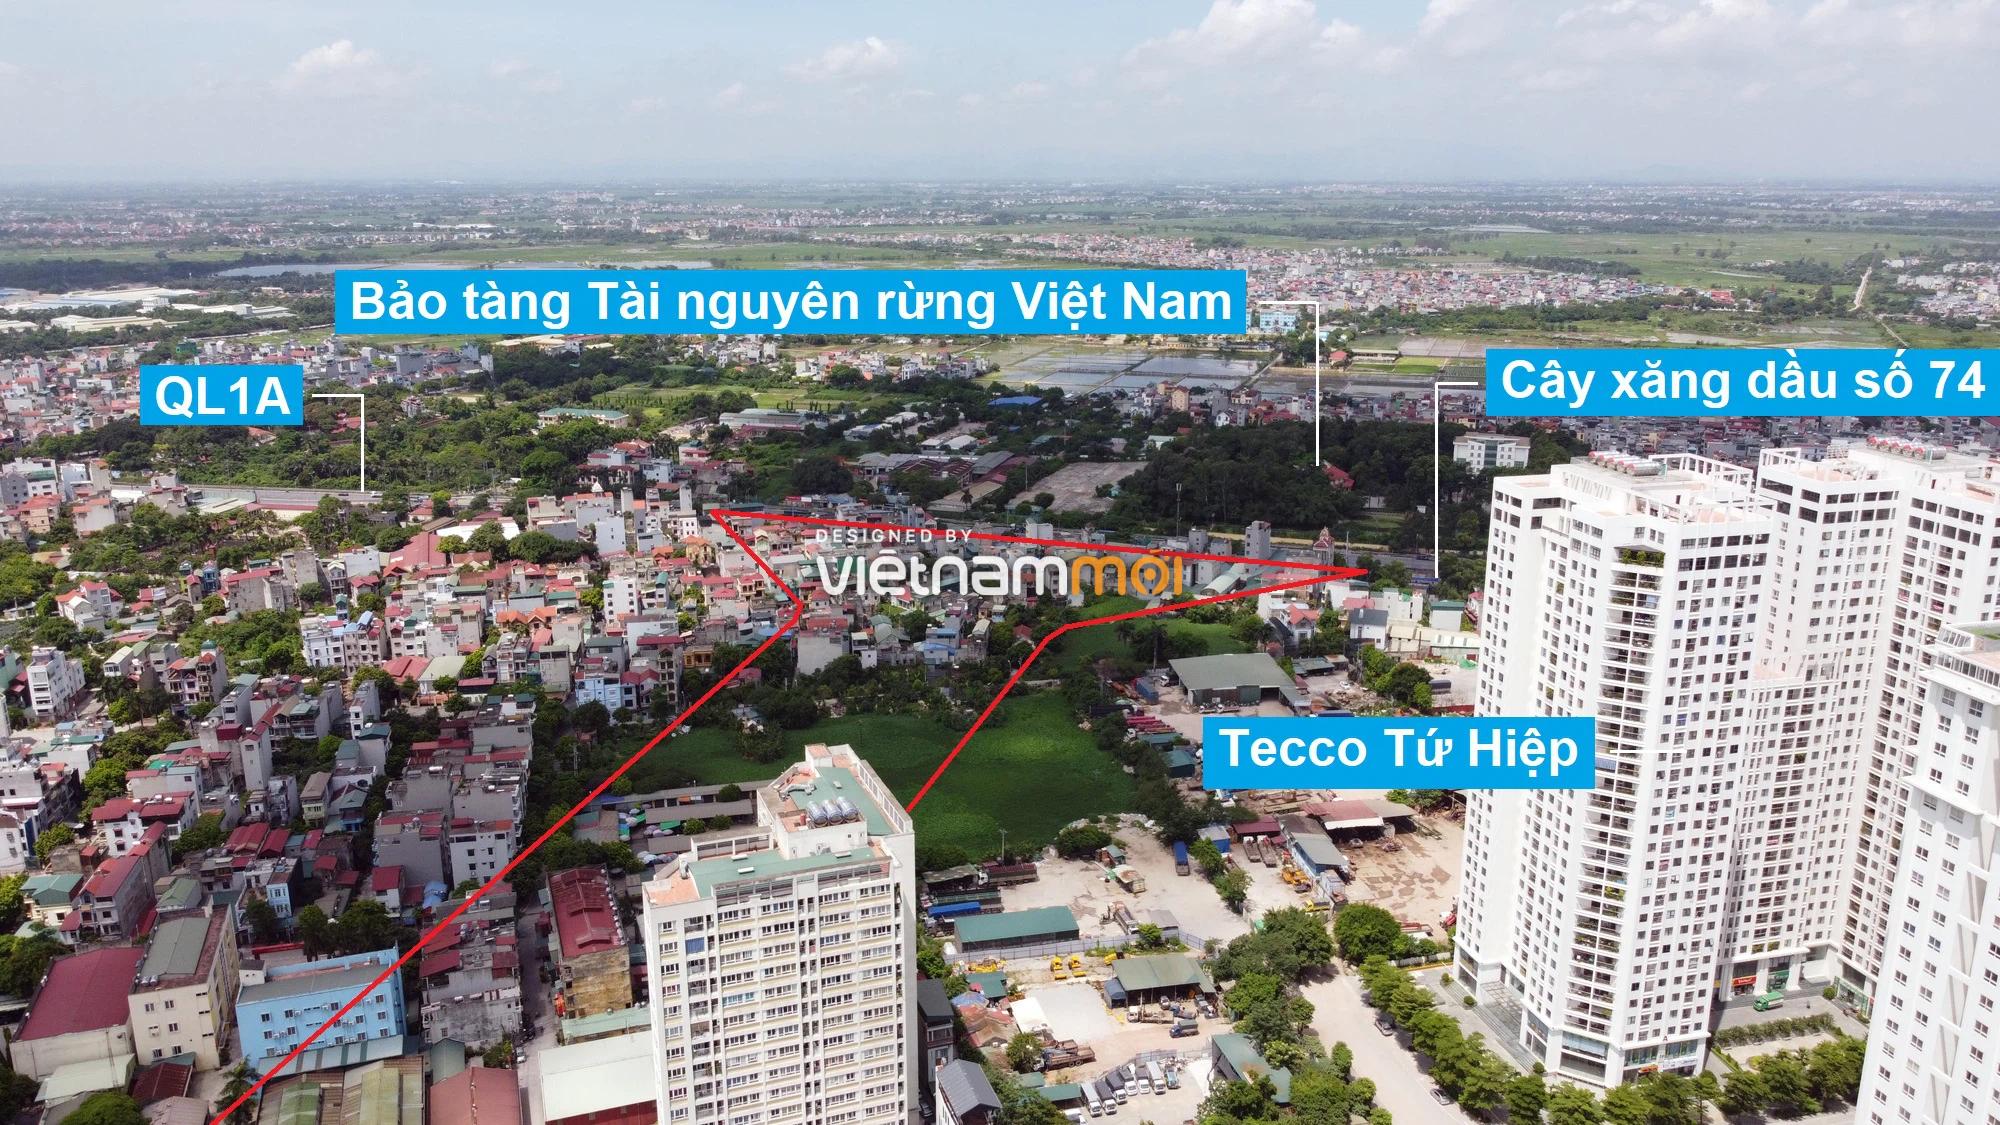 Những khu đất sắp thu hồi để mở đường ở xã Ngũ Hiệp, Thanh Trì, Hà Nội (phần 1) - Ảnh 3.